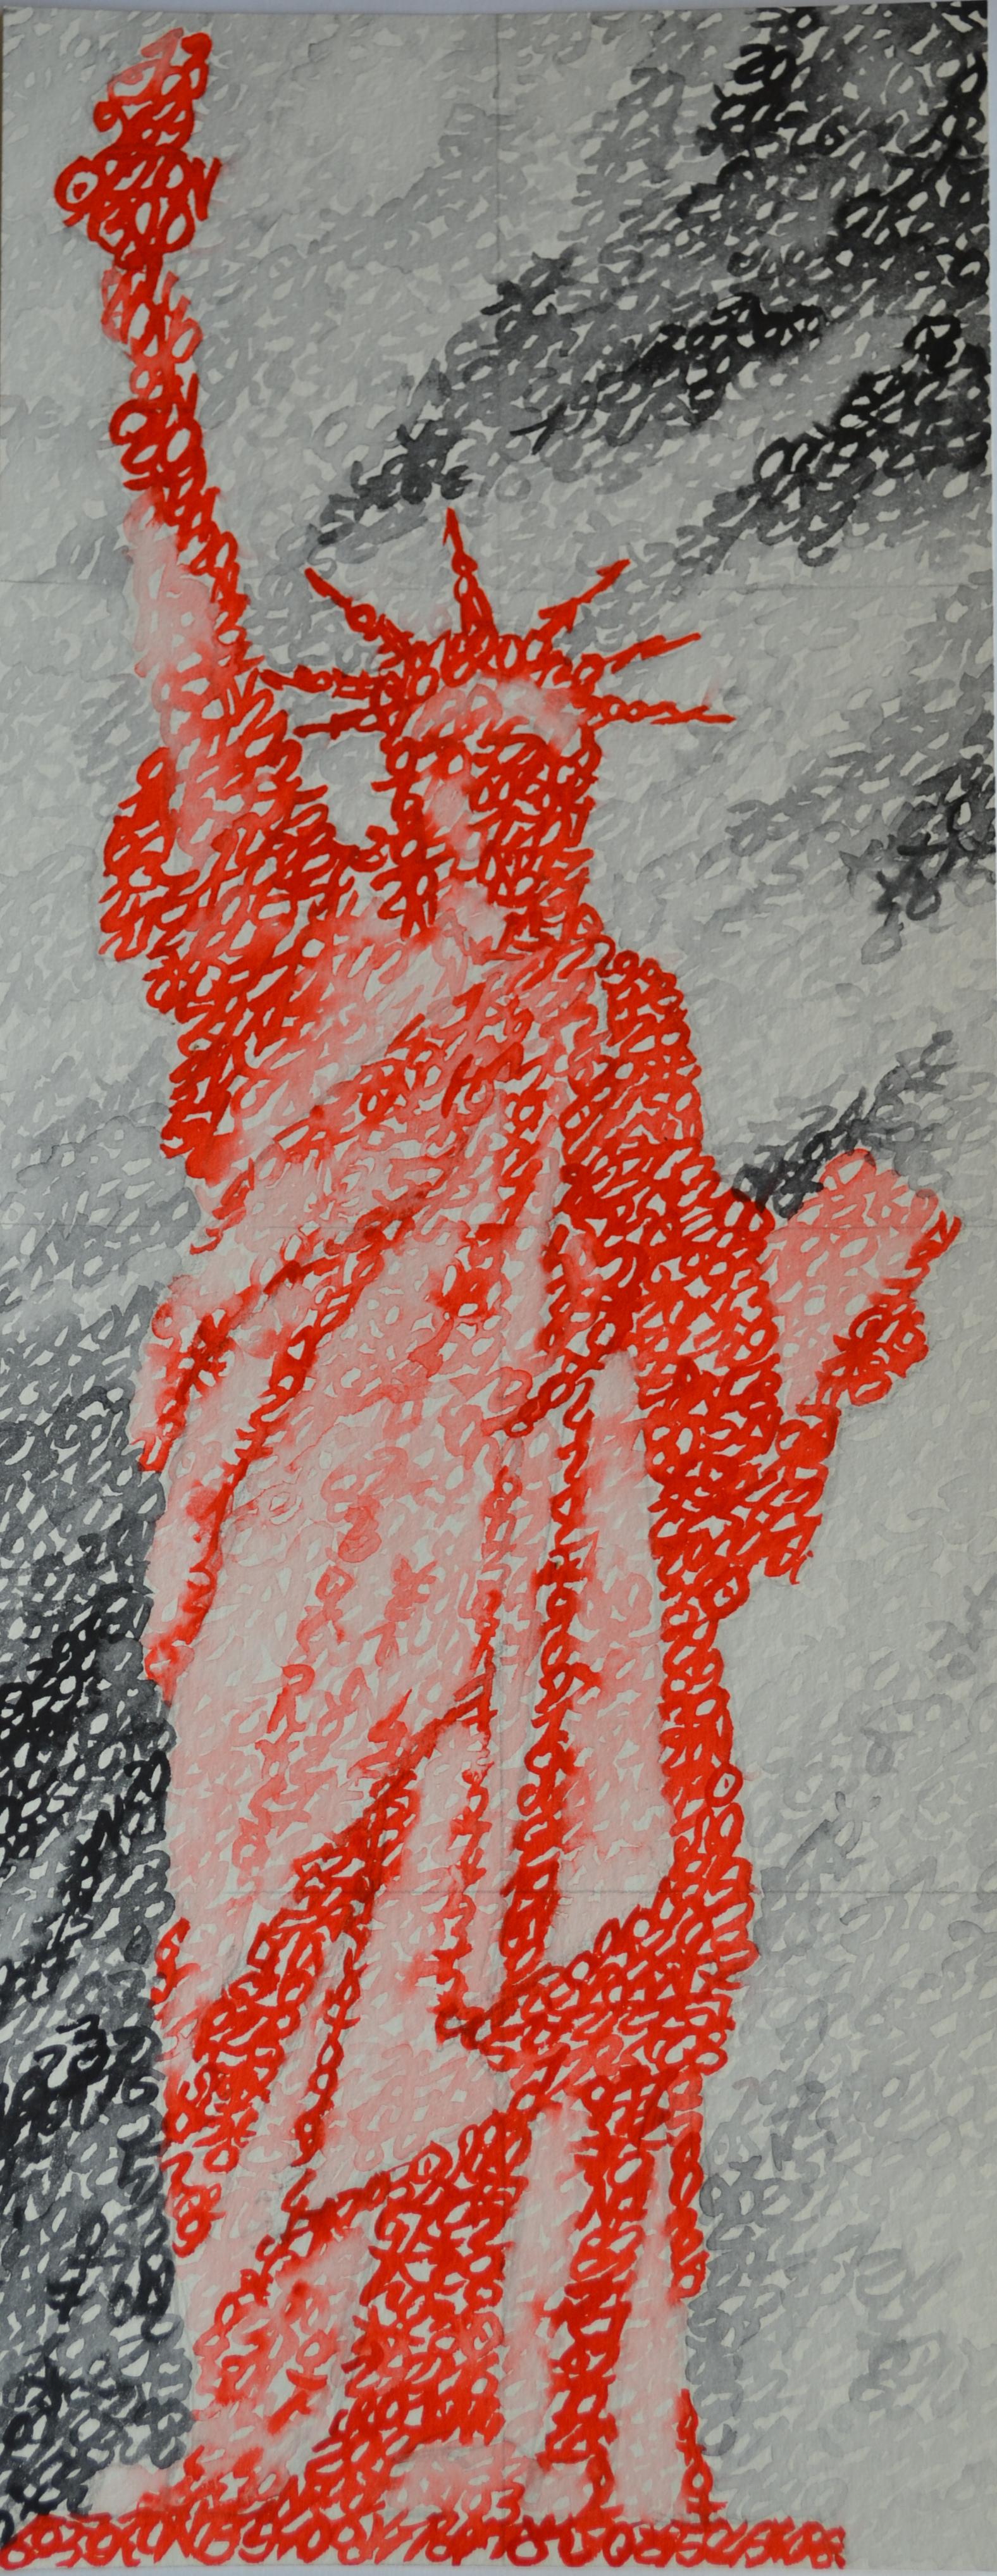 Covid-19, les U.S.A, New York, Statue de la Liberté, 22.07.2020, aquarelle sur papier, 44 x 17 cm. Représentation de la Statue de la Liberté par la notation de la position des planètes le 22 juillet 2020.